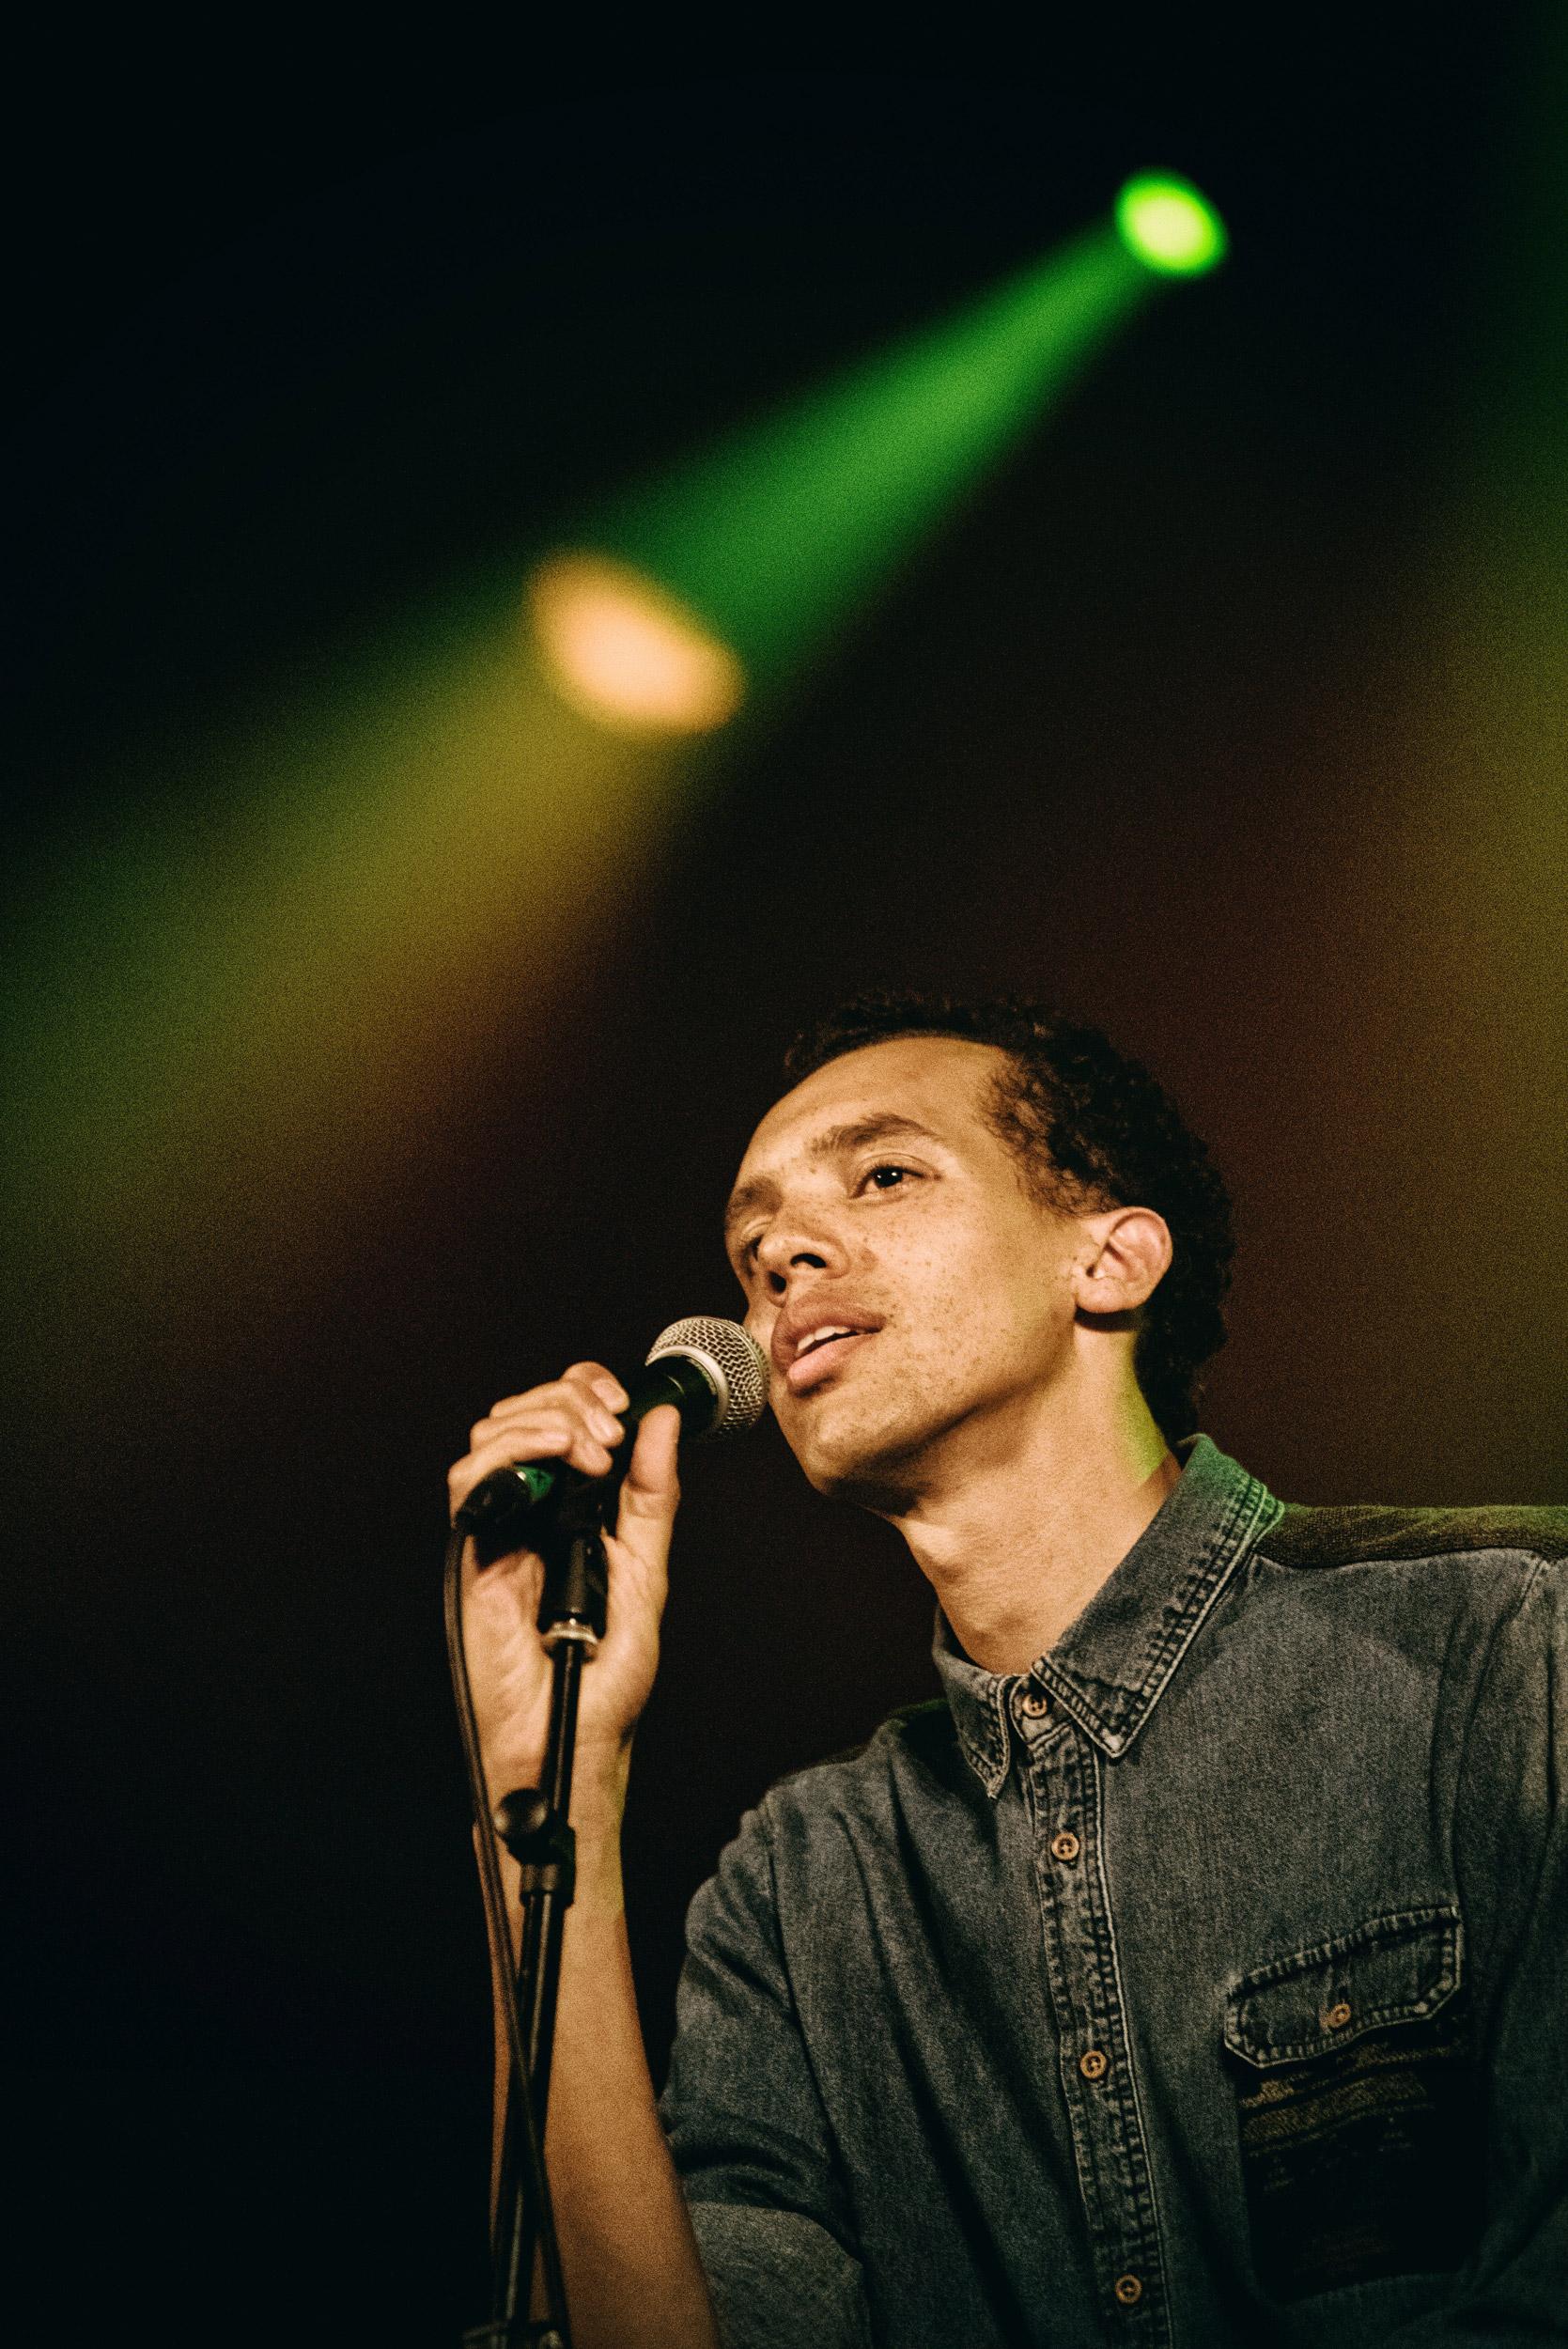 Photographie de Gaël Faye en concert au Trianon